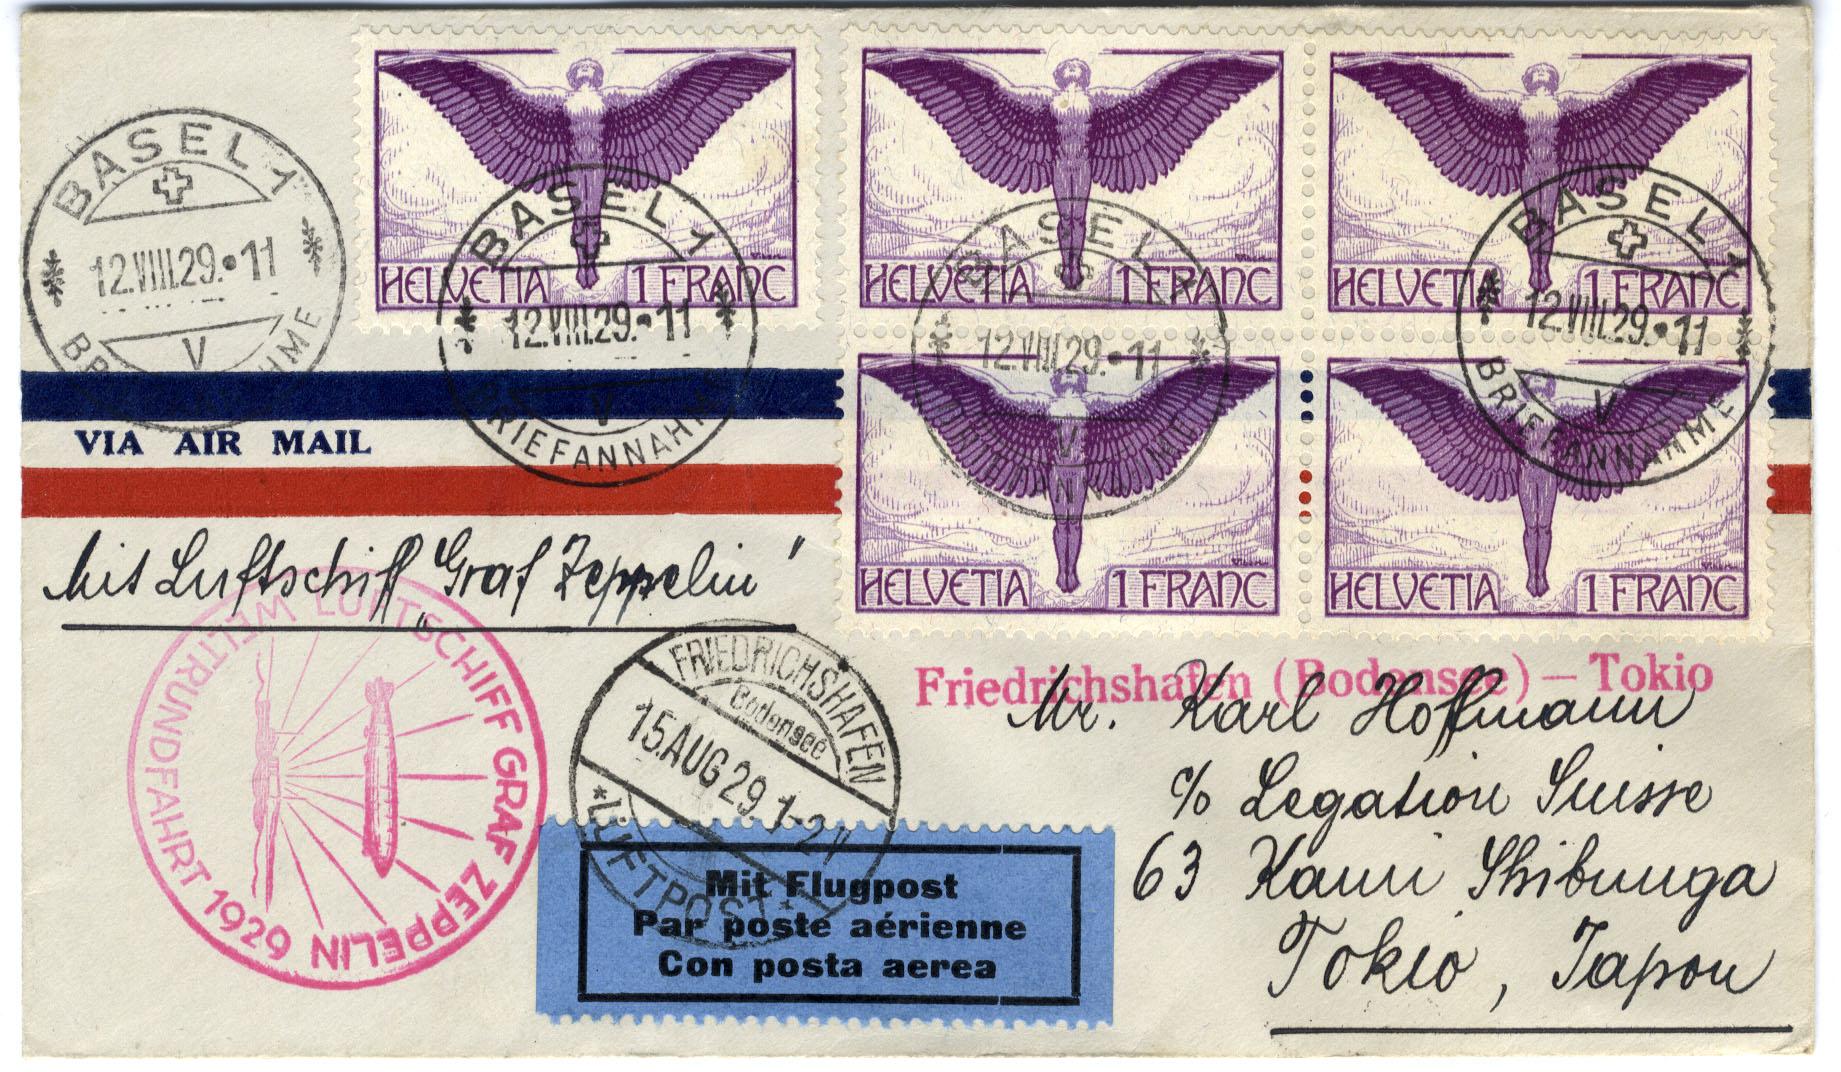 Zeppelin-Sammlerpost mit Sonderstempel zur Weltfahrt. Bildquelle: Archiv der Luftschiffbau Zeppelin GmbH